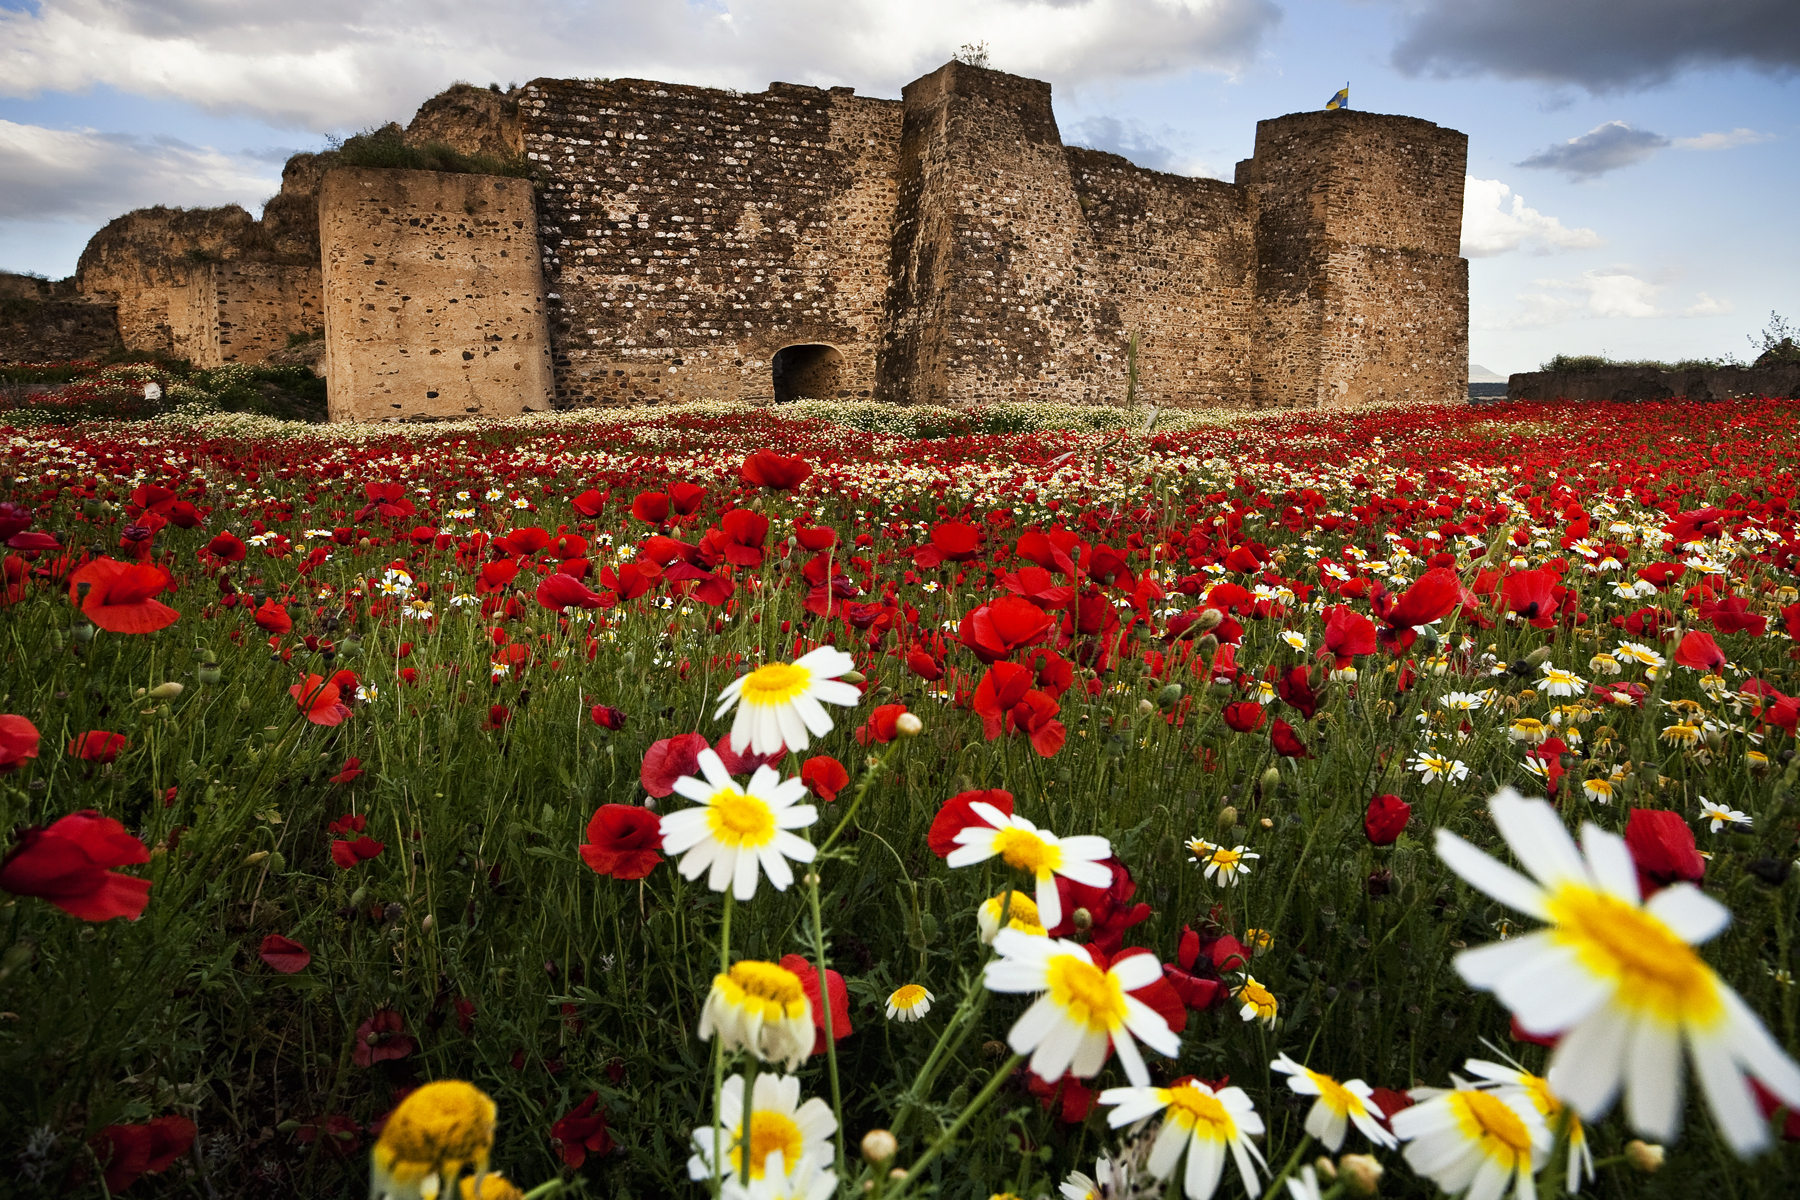 castelo de juromenha, portugal